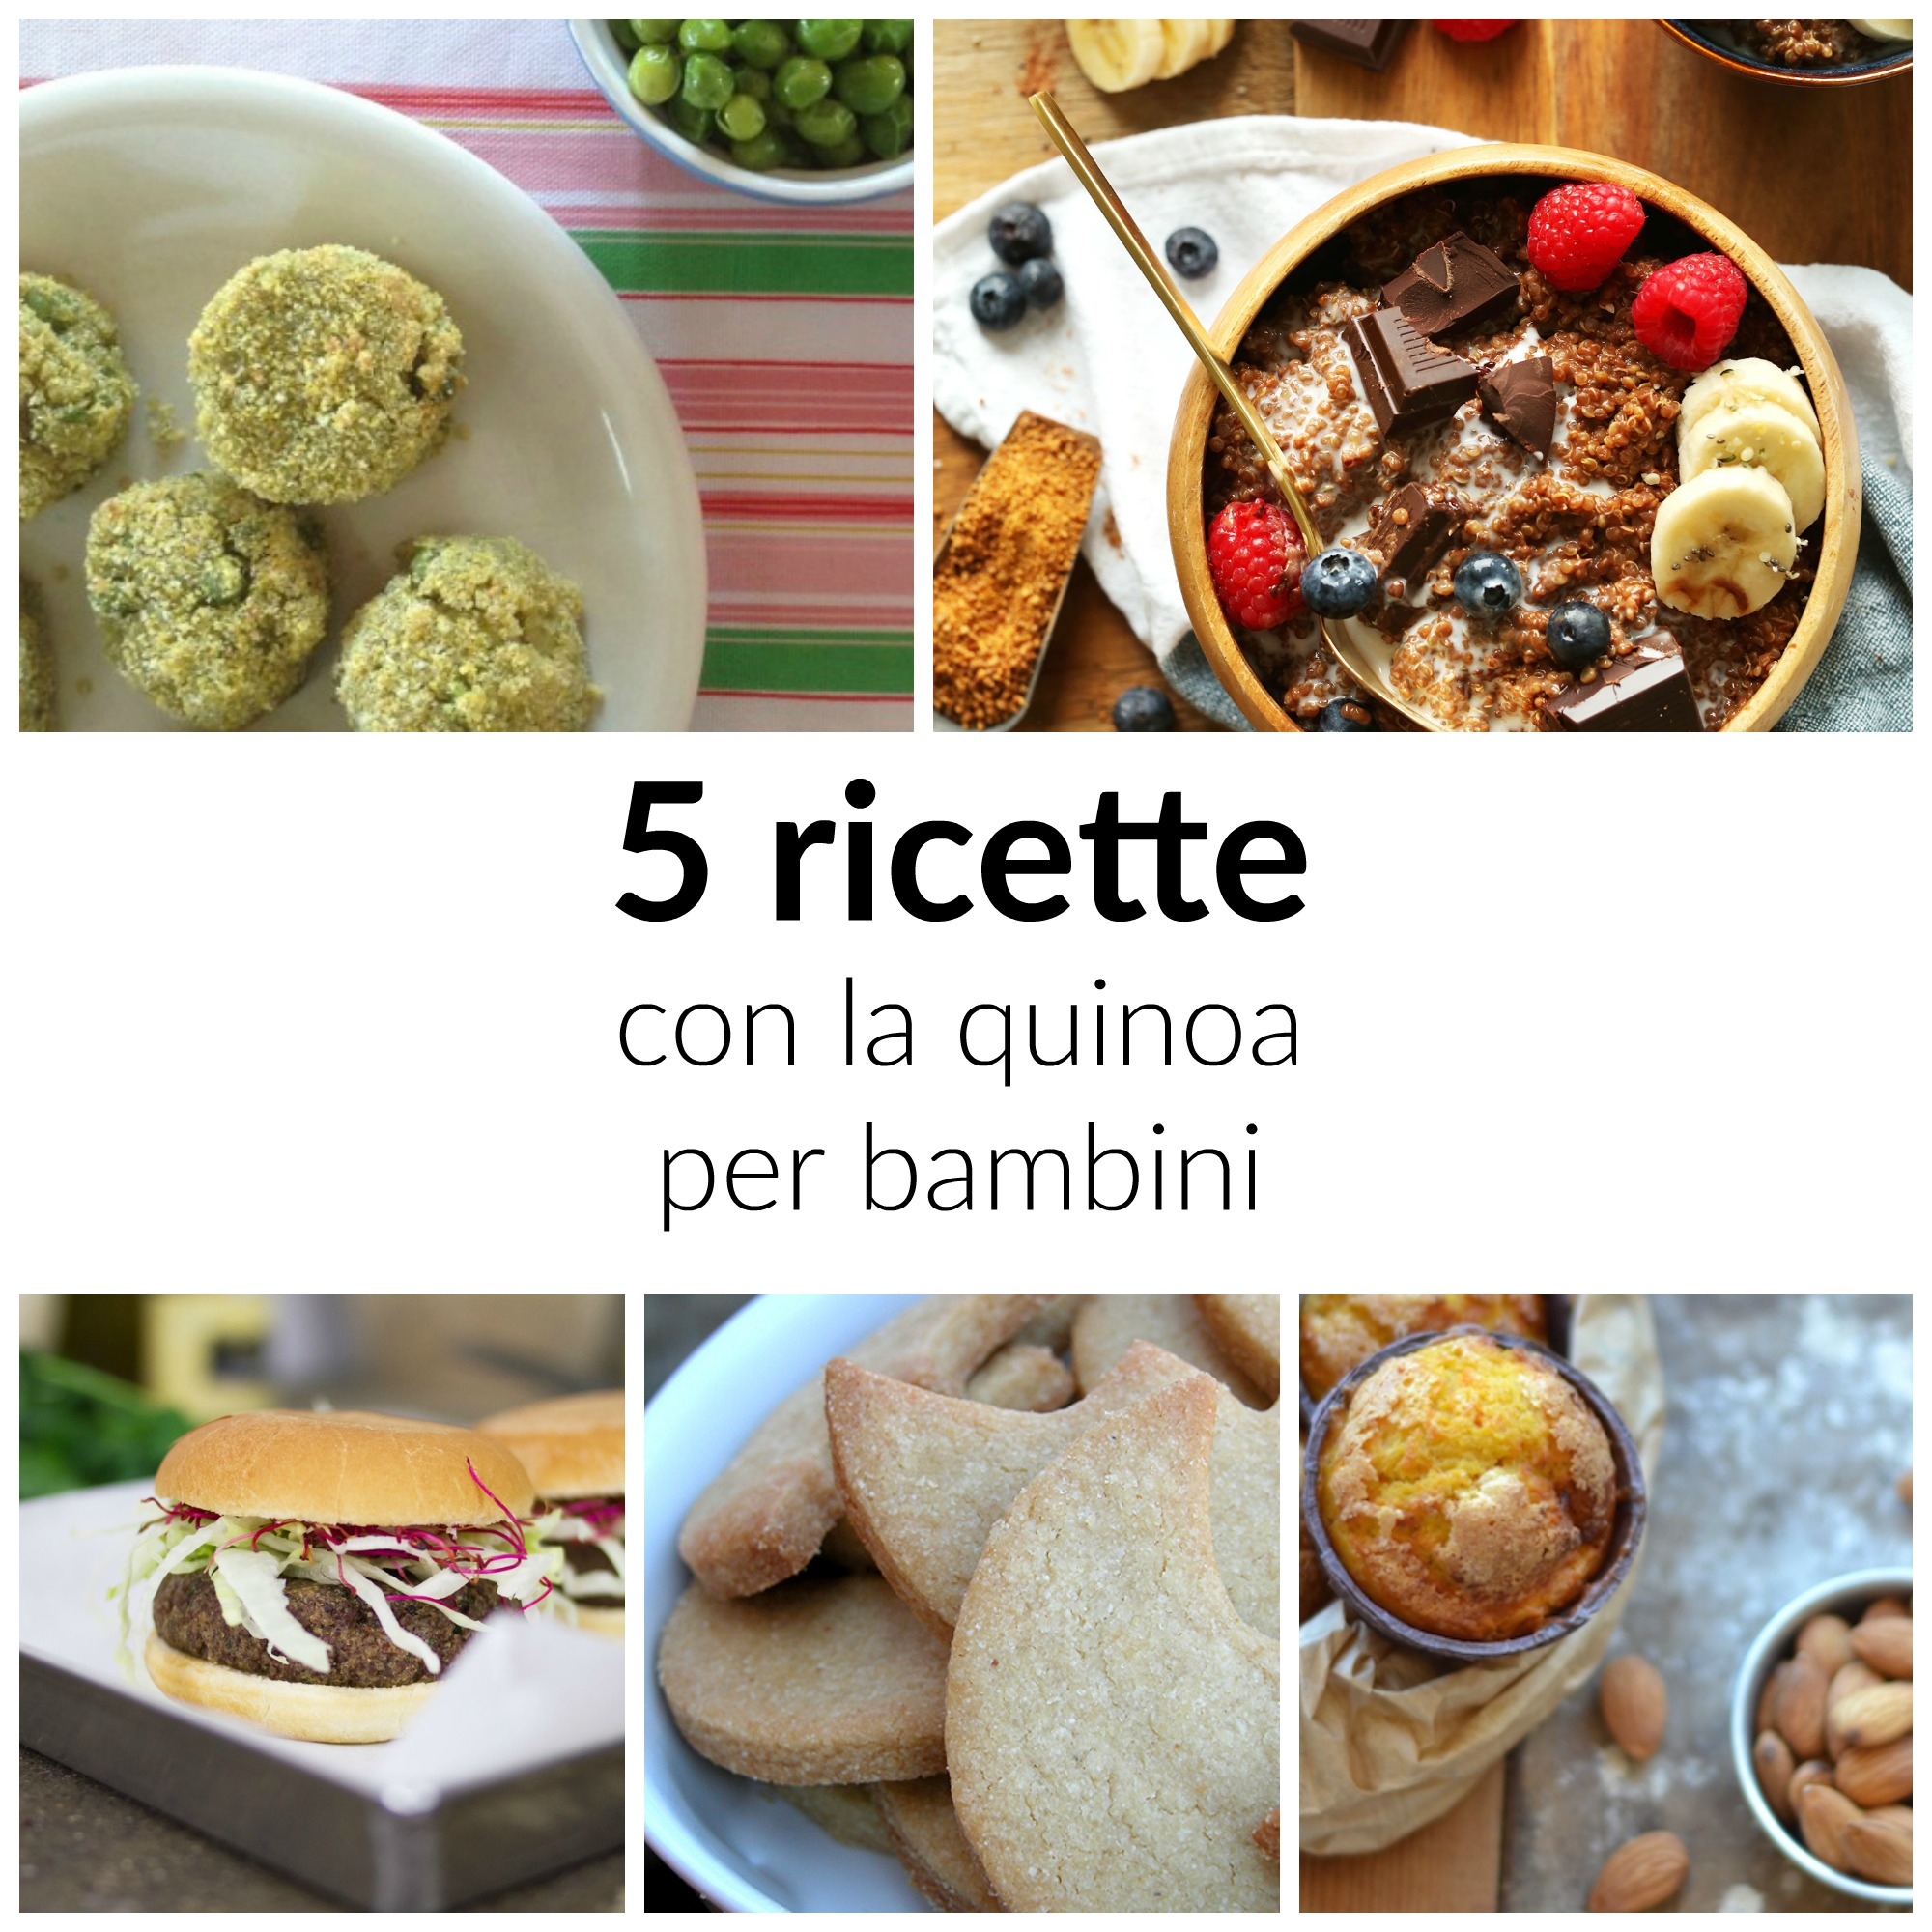 Ricette con la quinoa per bambini babygreen for Ricette bambini